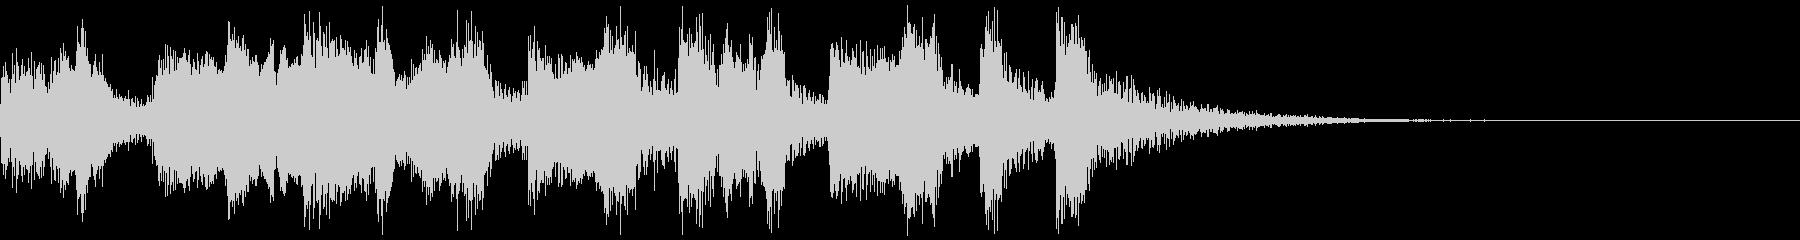 アコーディオンのサーカス風ジングルの未再生の波形